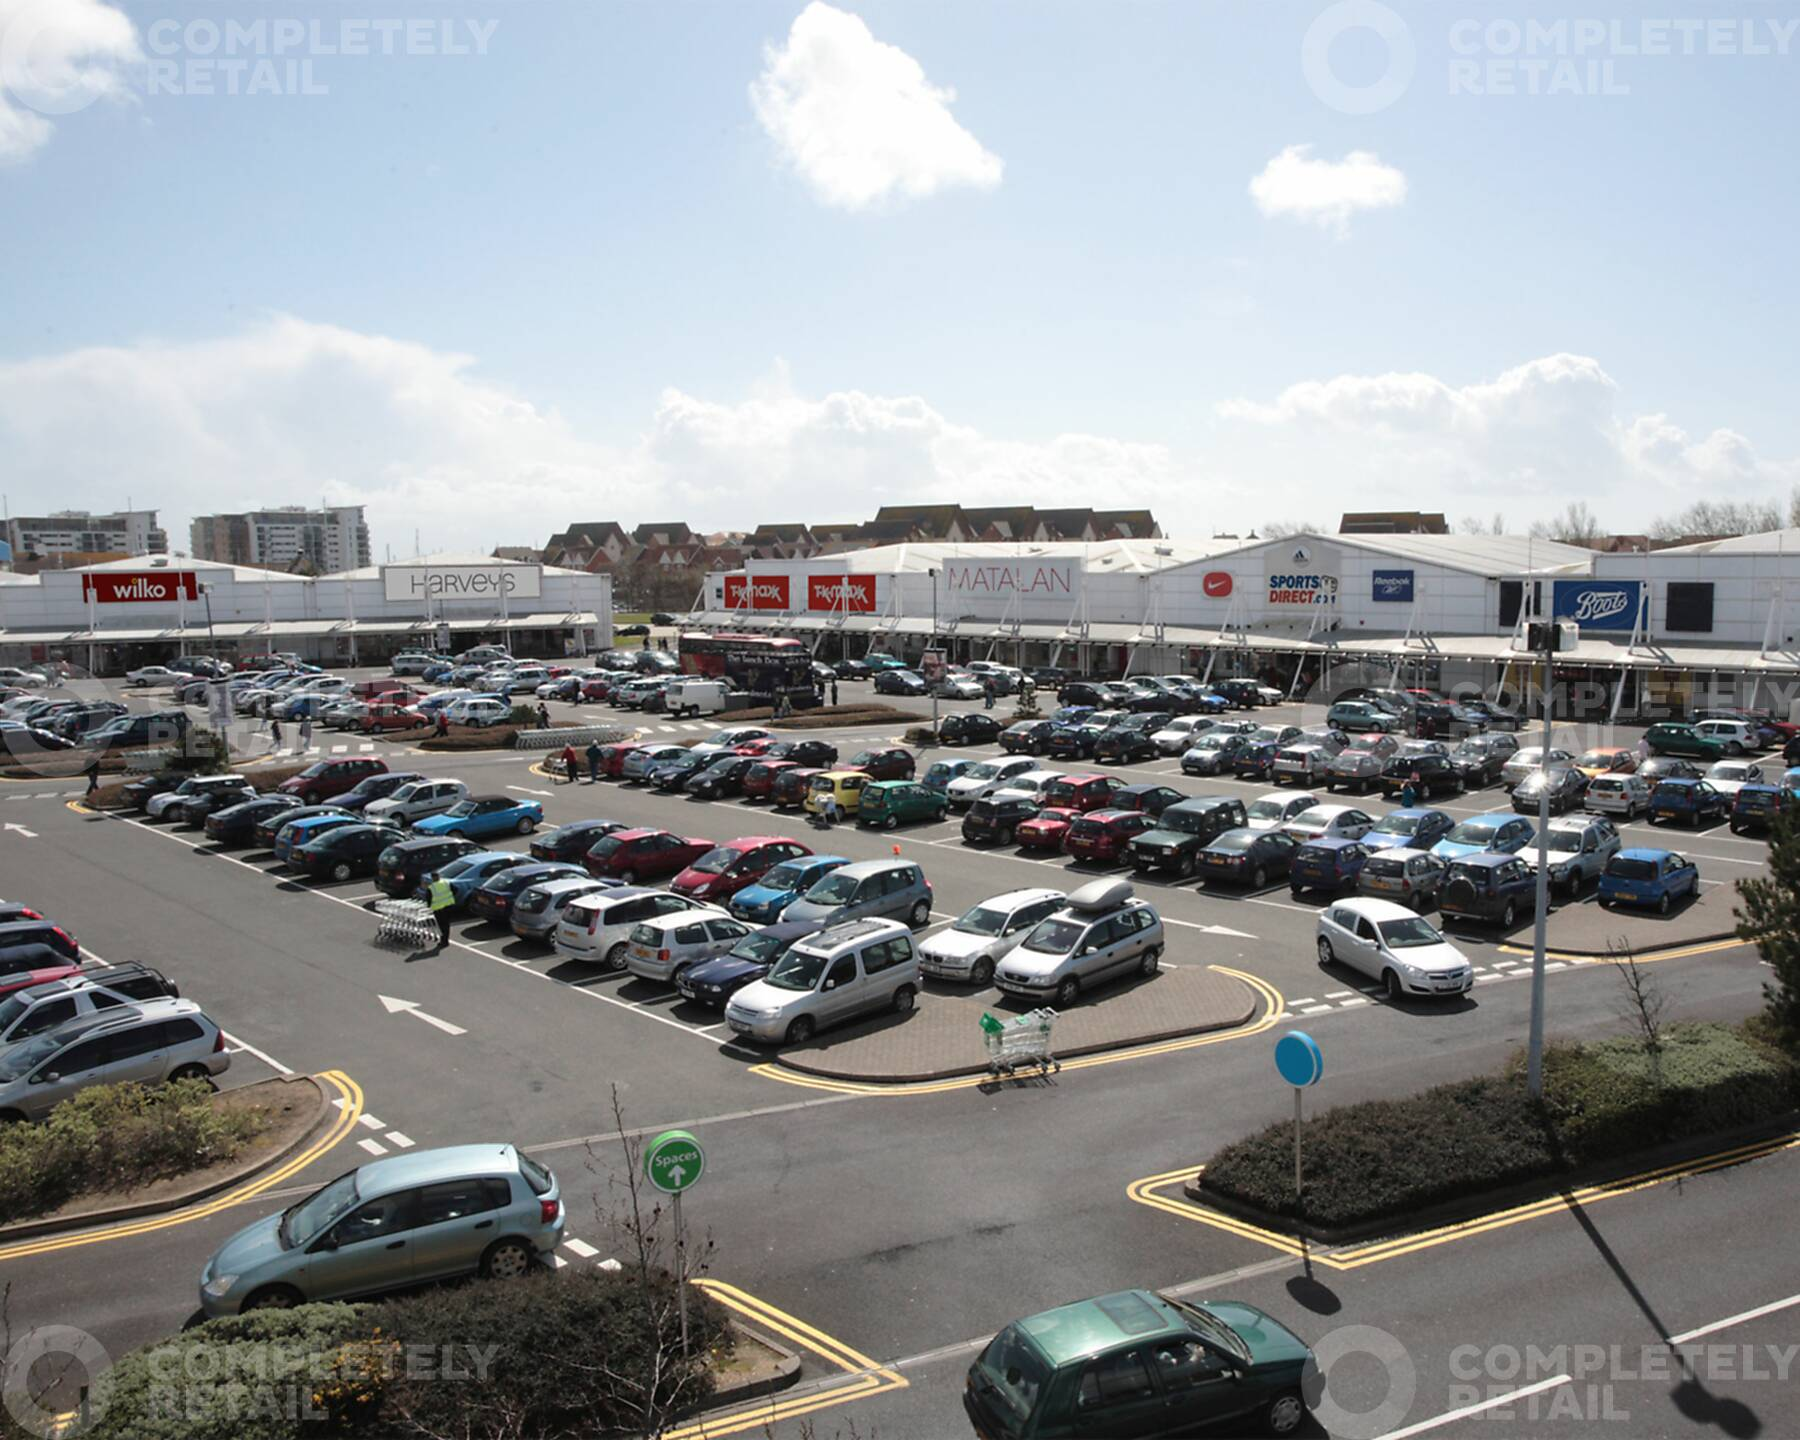 Sovereign Harbour Retail Park